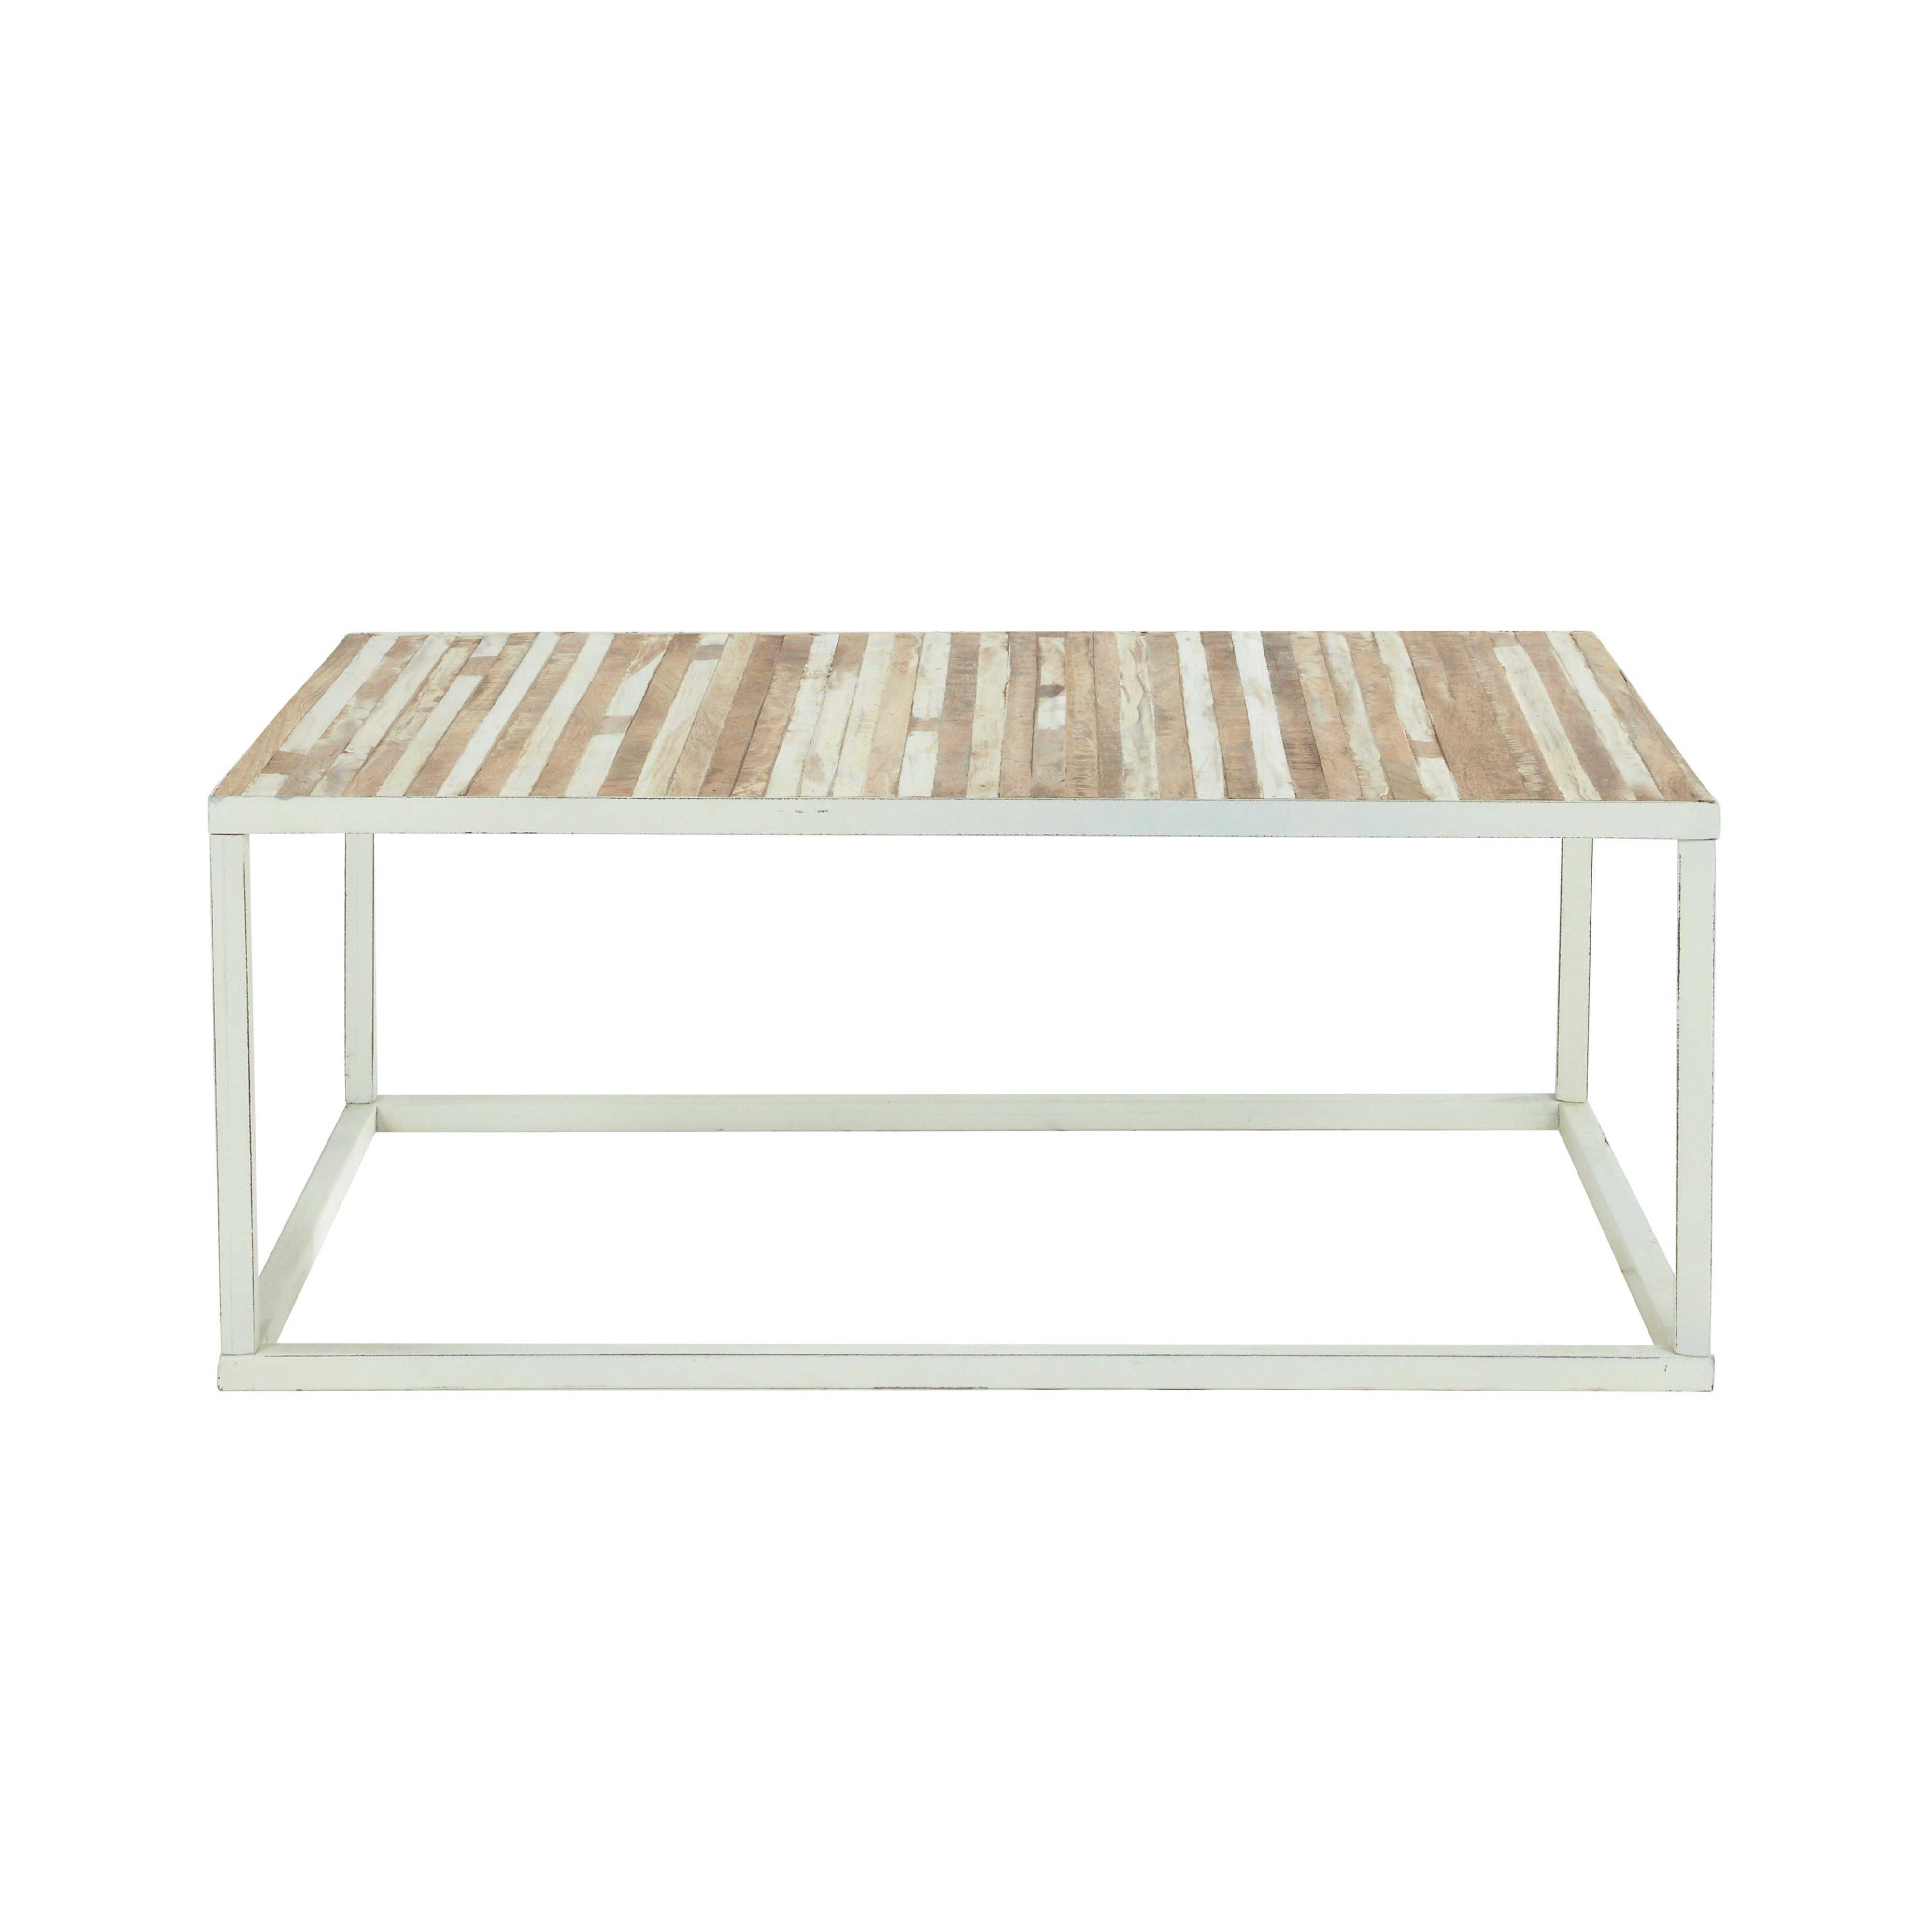 Table Basse En Métal Blanc Saint Maur Table Basse Bois Mobilier